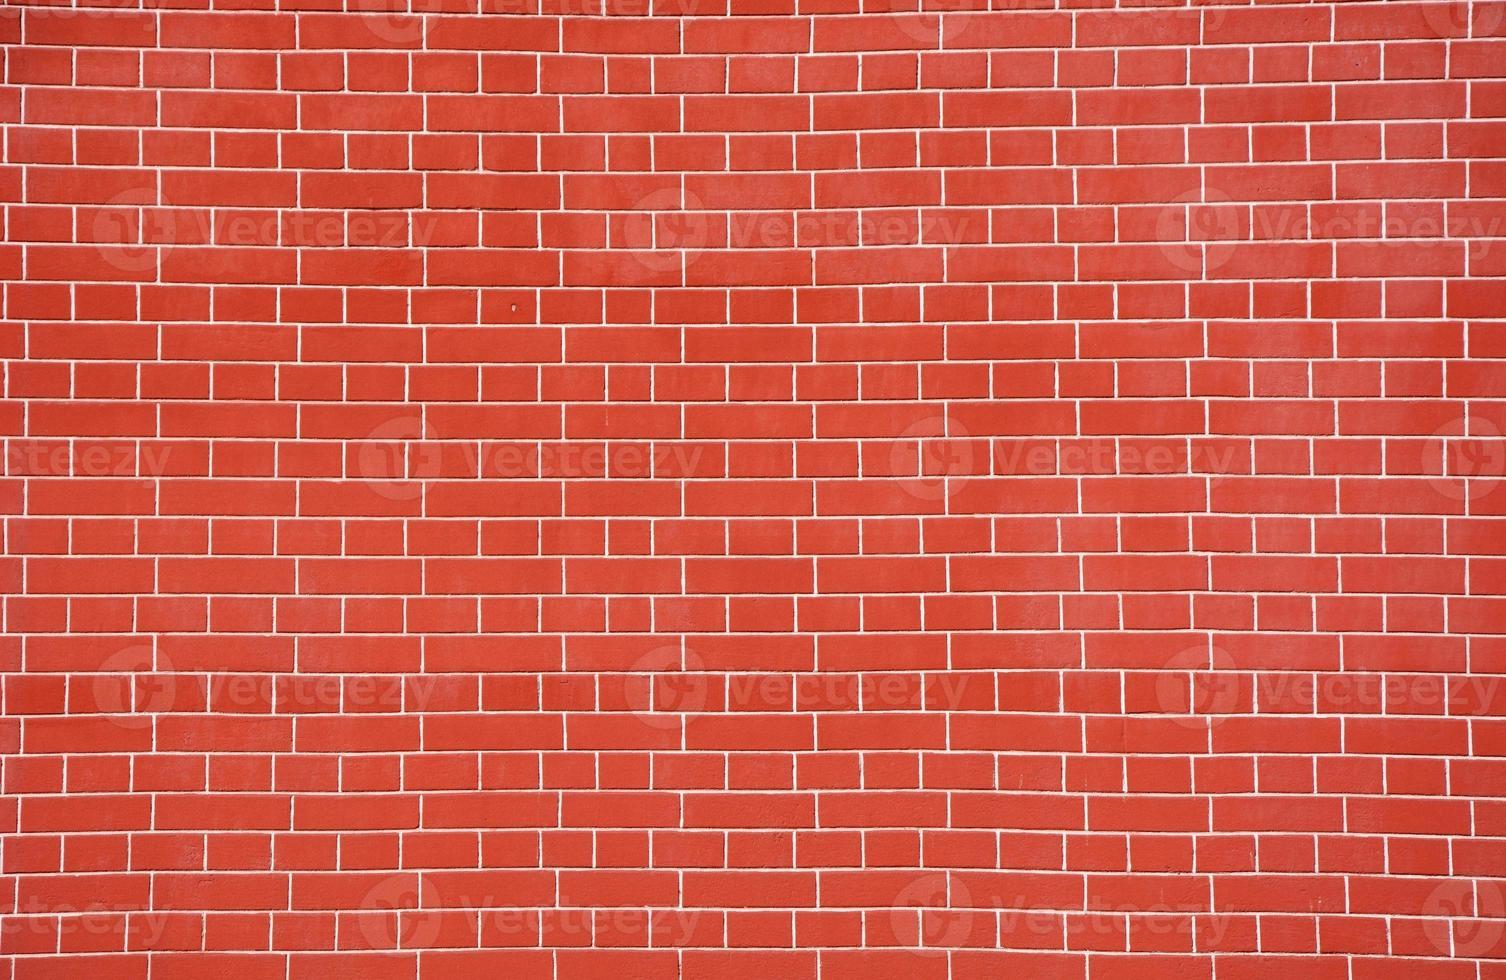 hochauflösendes Bild der Mauer foto